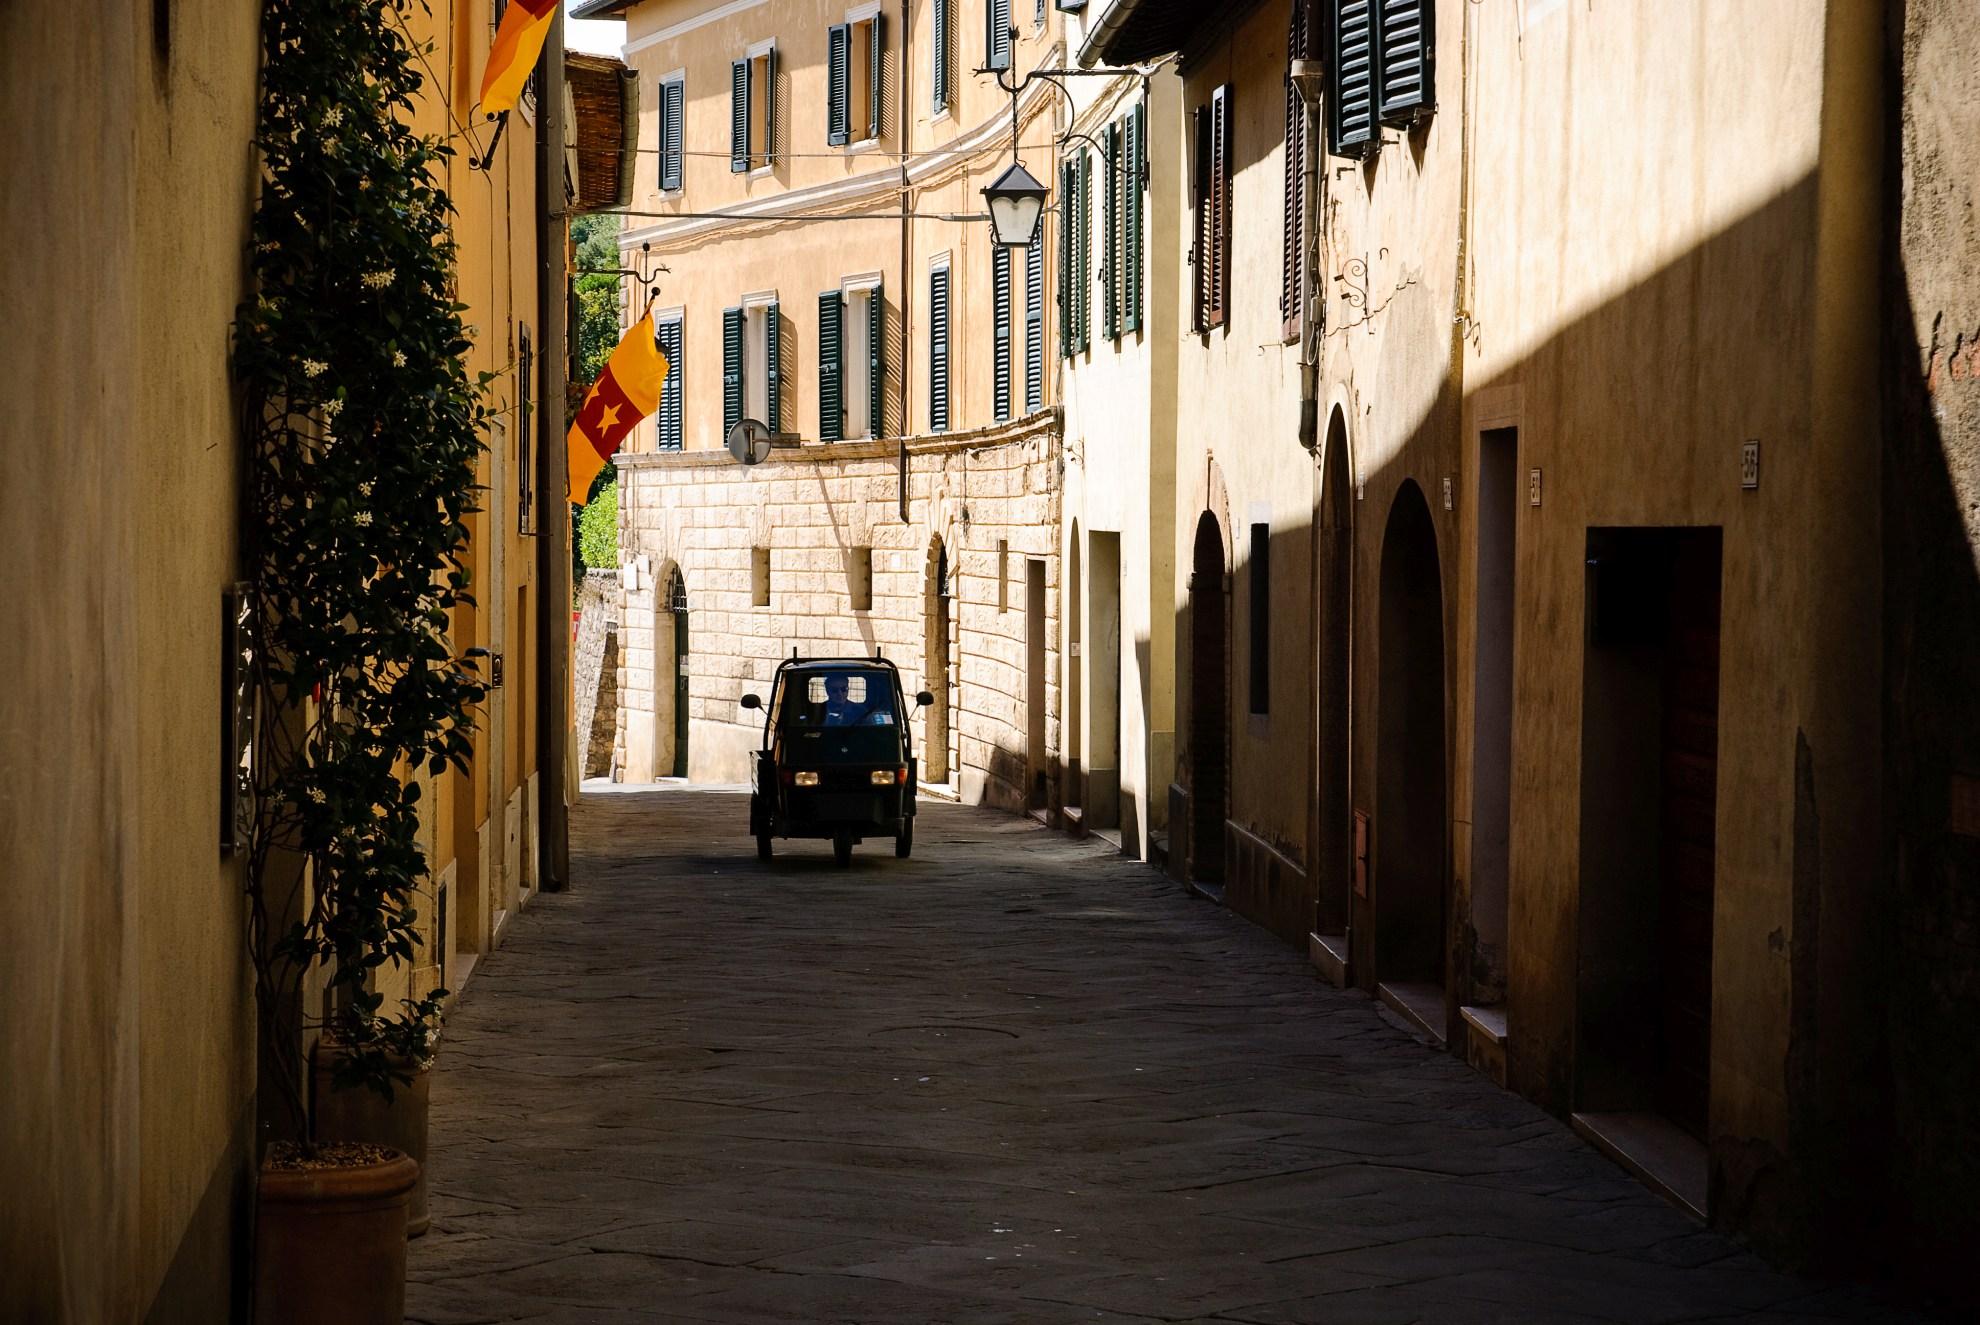 Piaggio w Montalcino